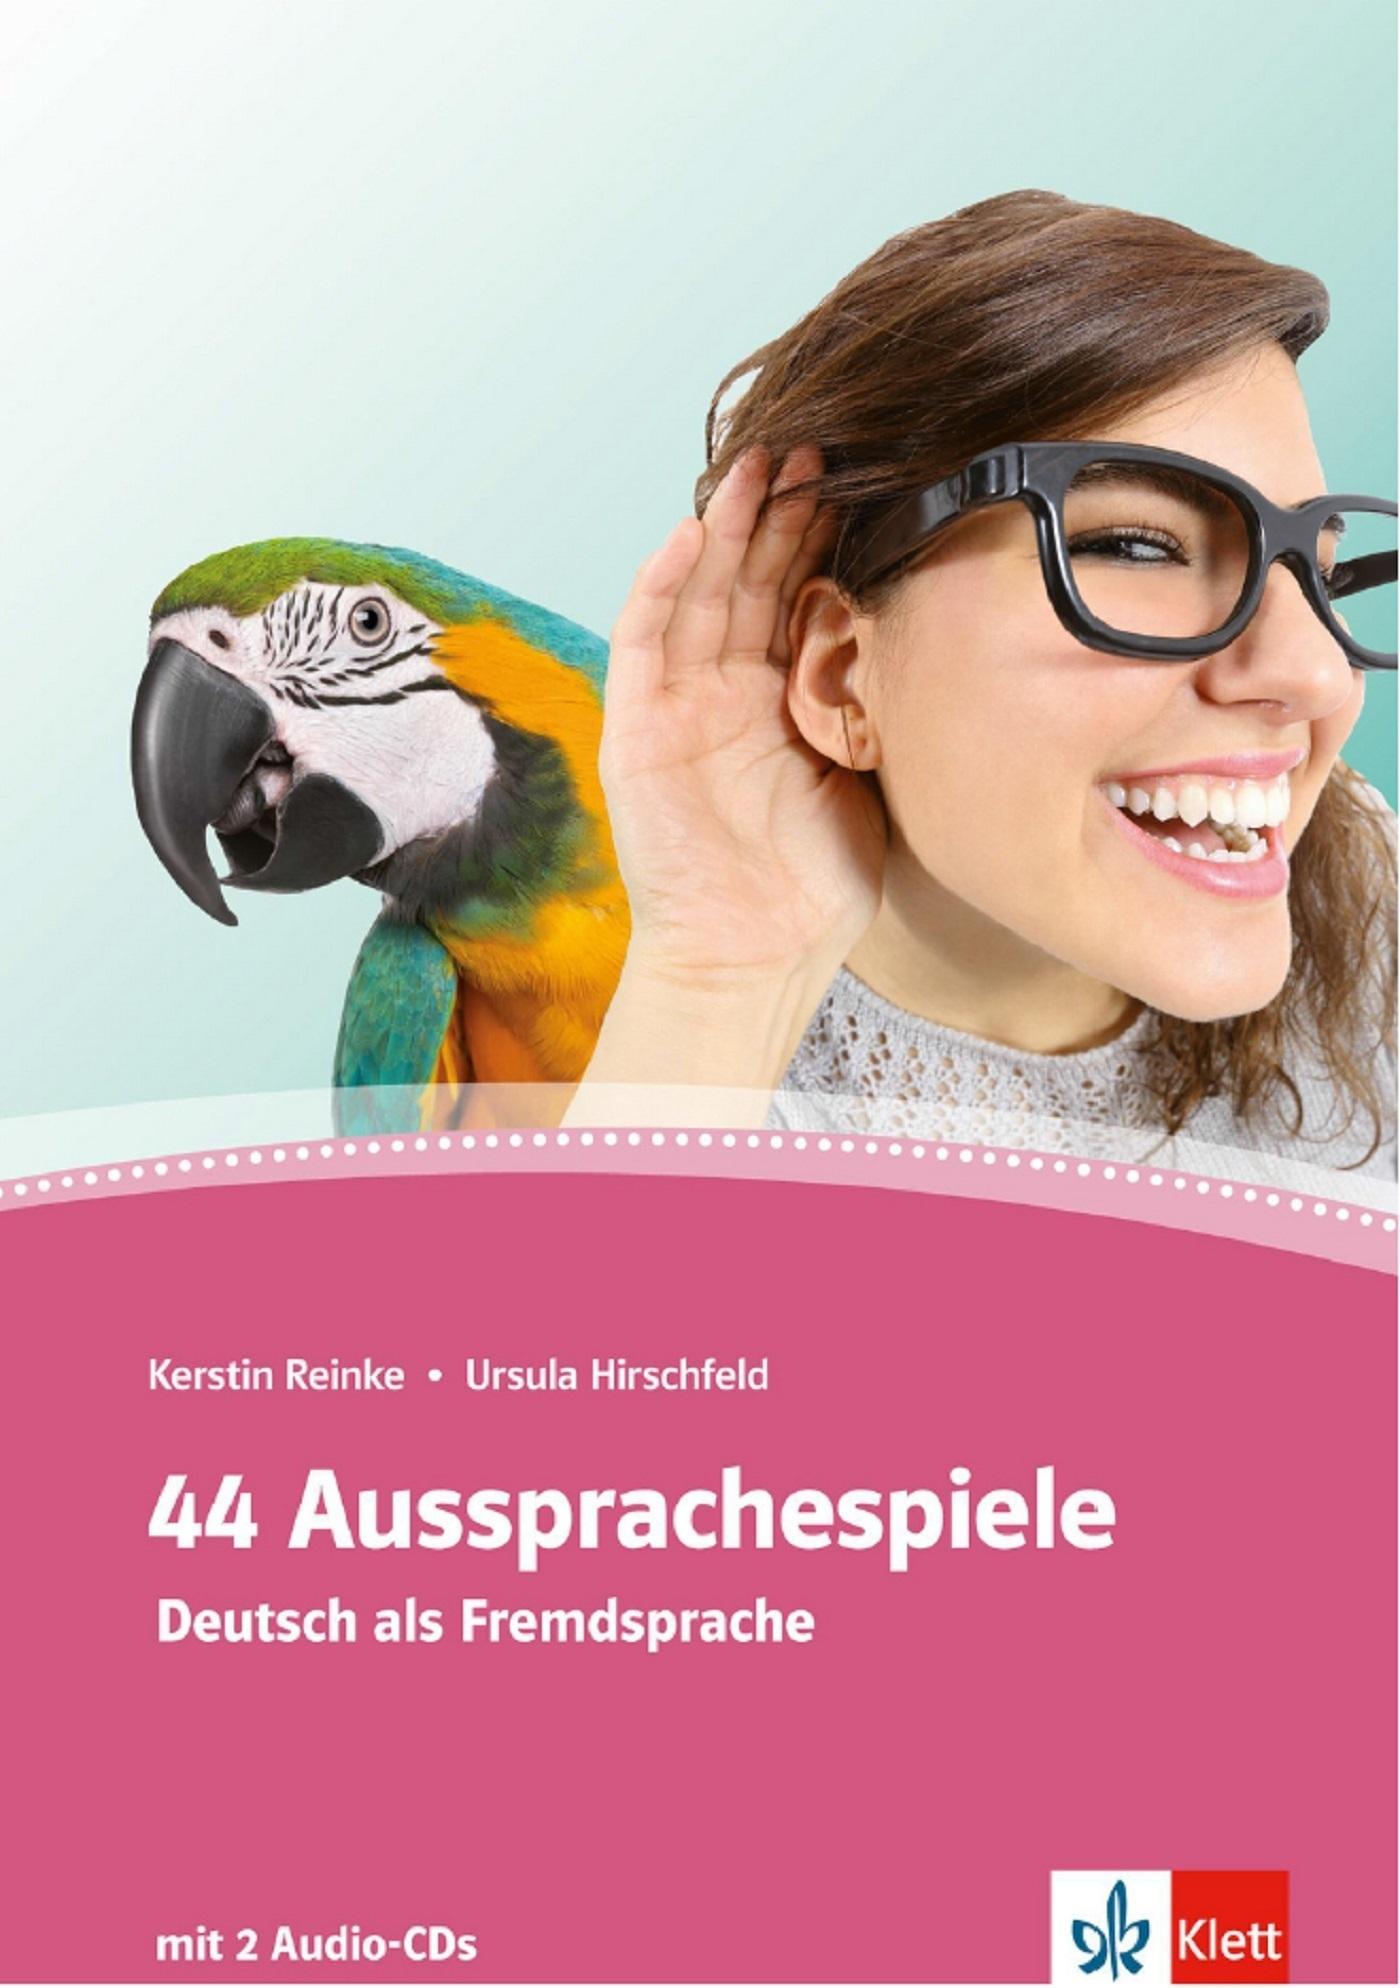 44 AUSSPRACHESPIELE